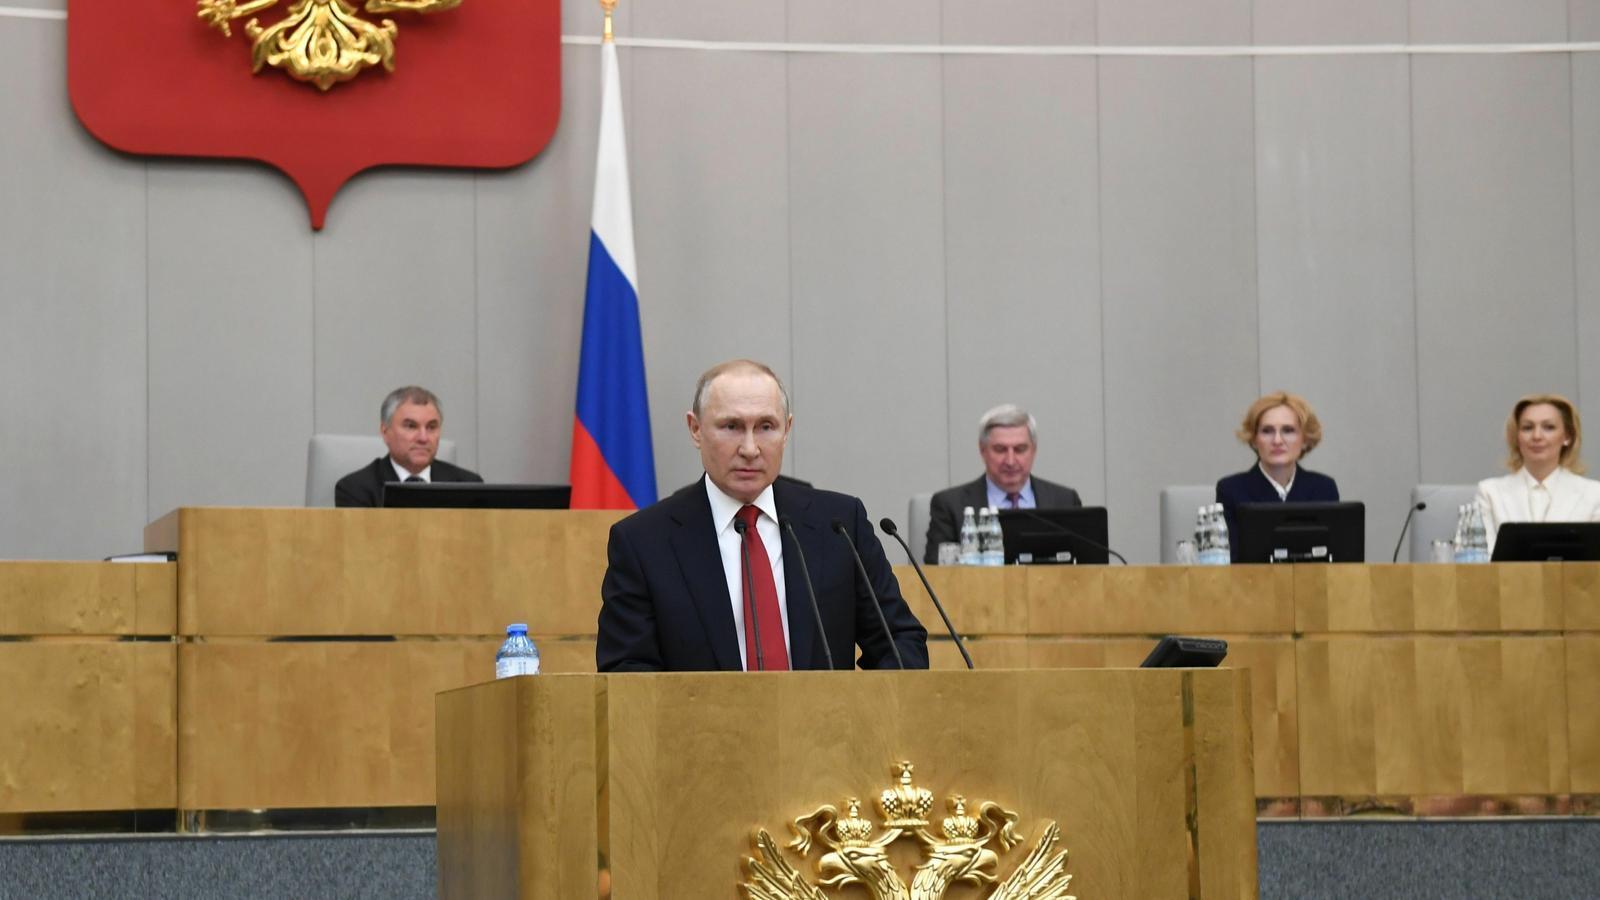 El president rus, Vladimir Putin, en el seu discurs davant de la Duma per donar suport a la reforma legislativa que li permetrà tornar-se a presentar president.